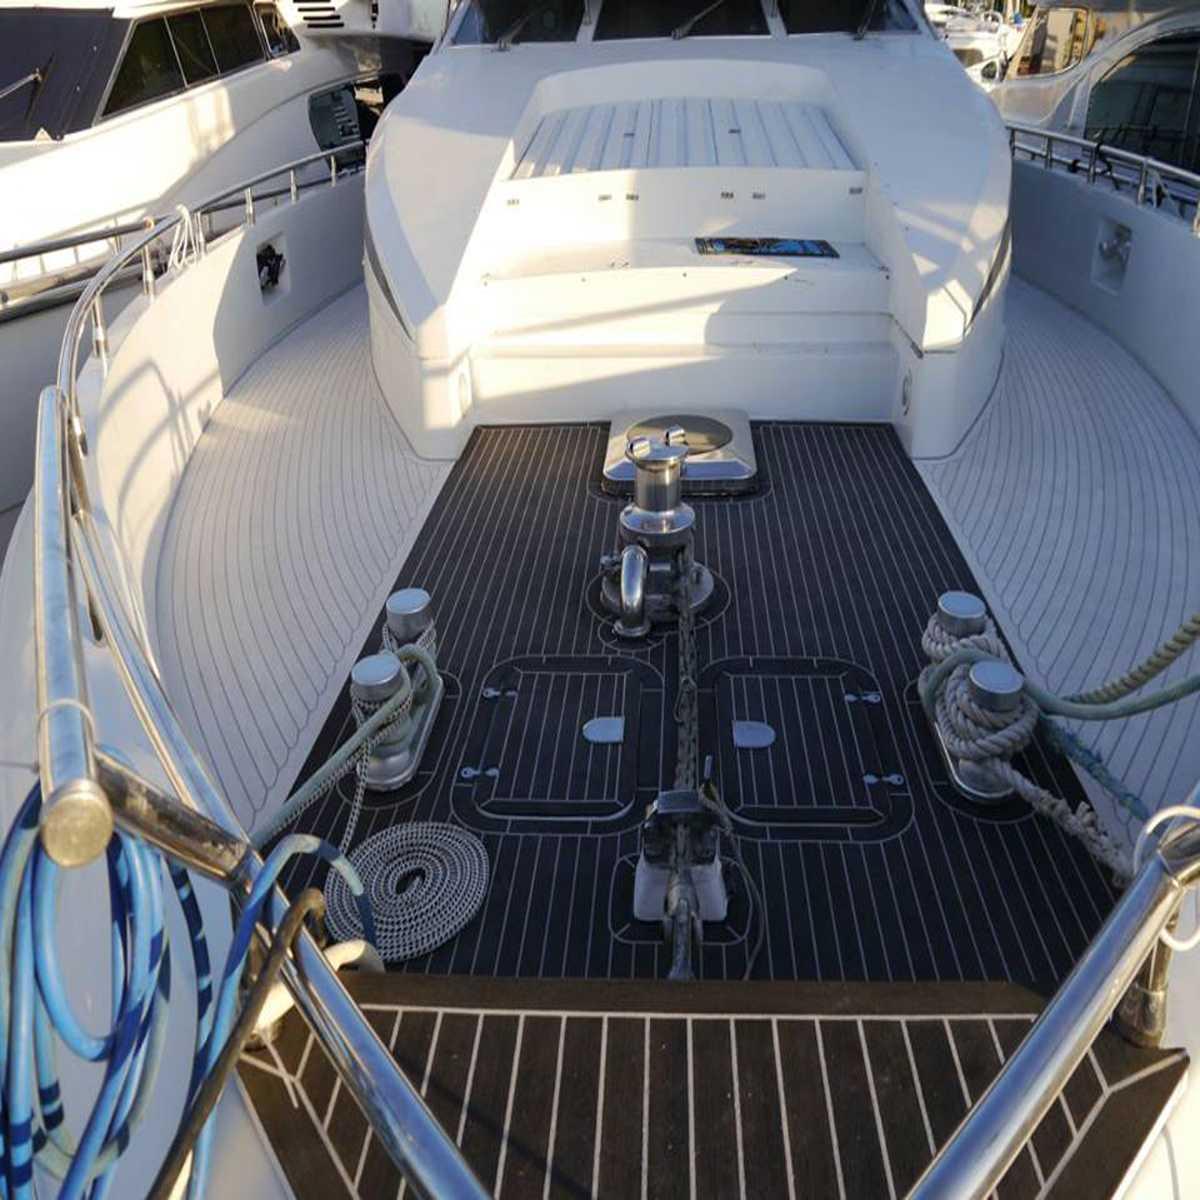 Autoleader 230x90x0.5 cm auto-adhésif bateau Yacht EVA mousse teck Mat noir avec lignes blanches bateau plancher teck platelage feuille Pad